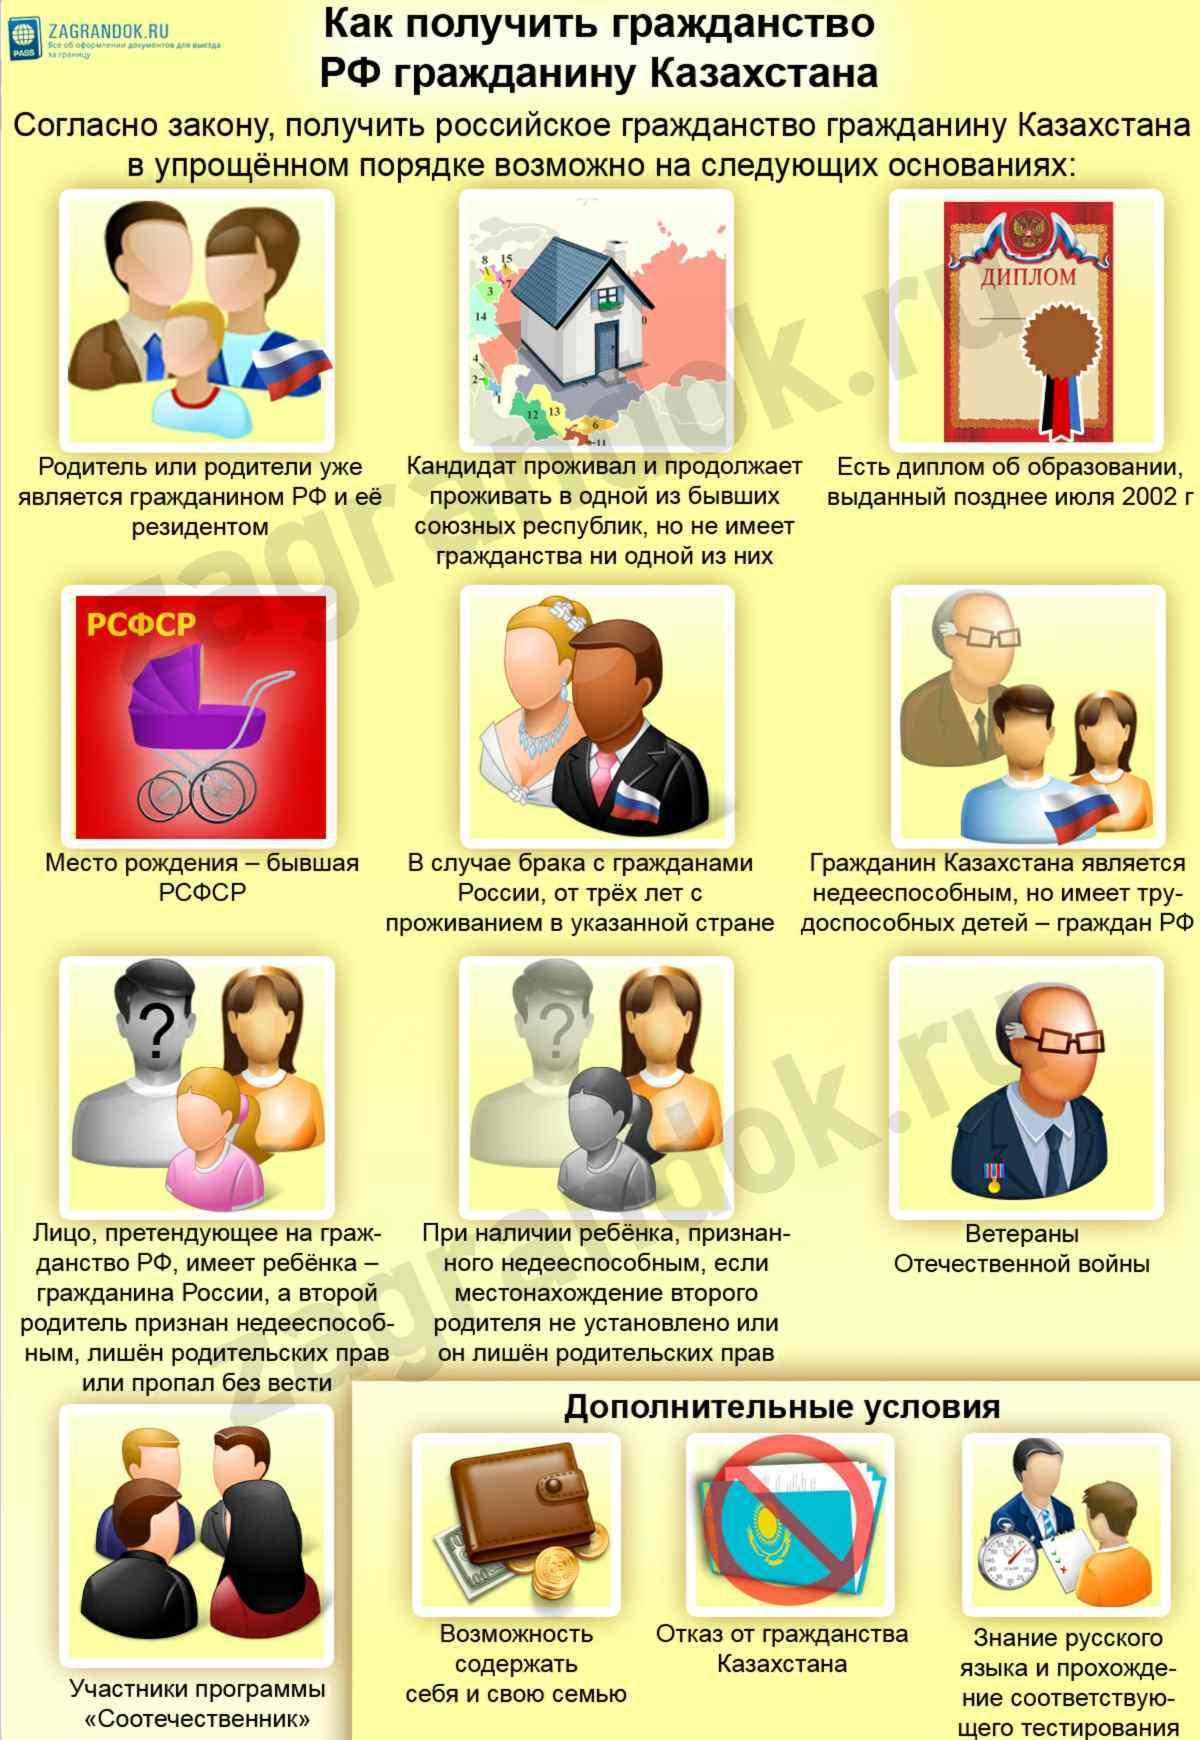 Как сделать ребенку гражданство рф если родители граждане рф